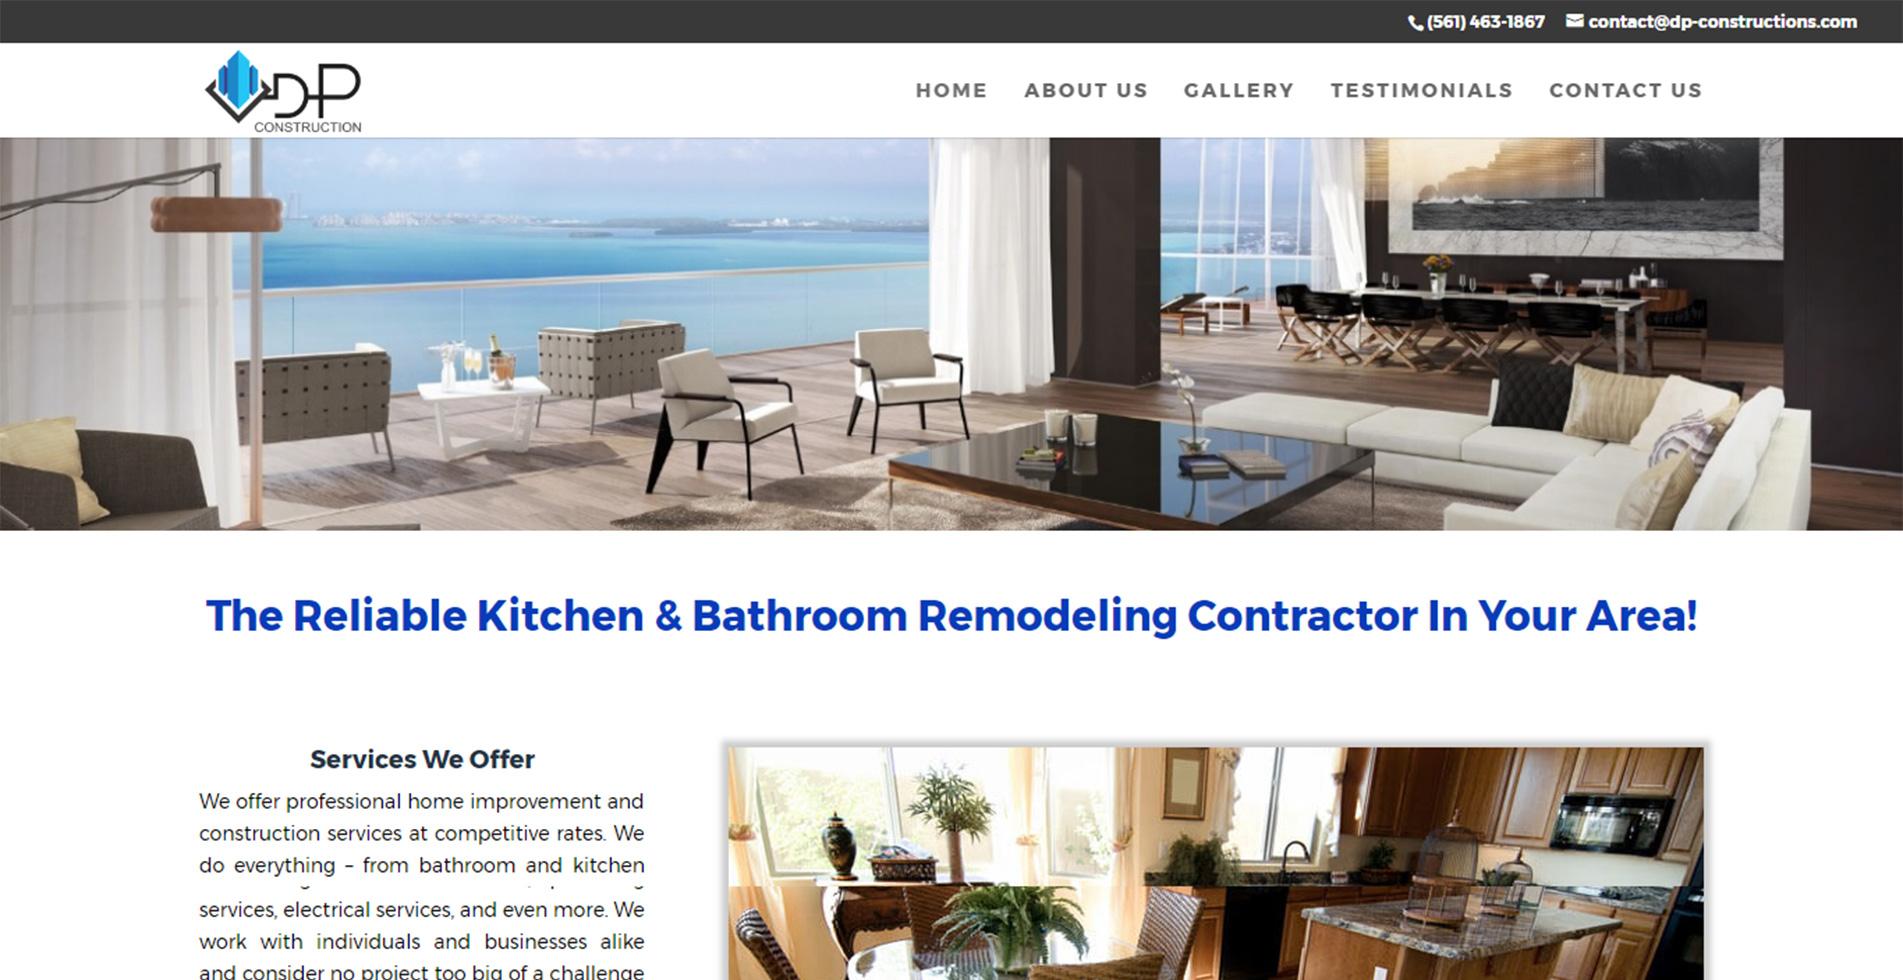 уеб сайт за професионална строителна компания